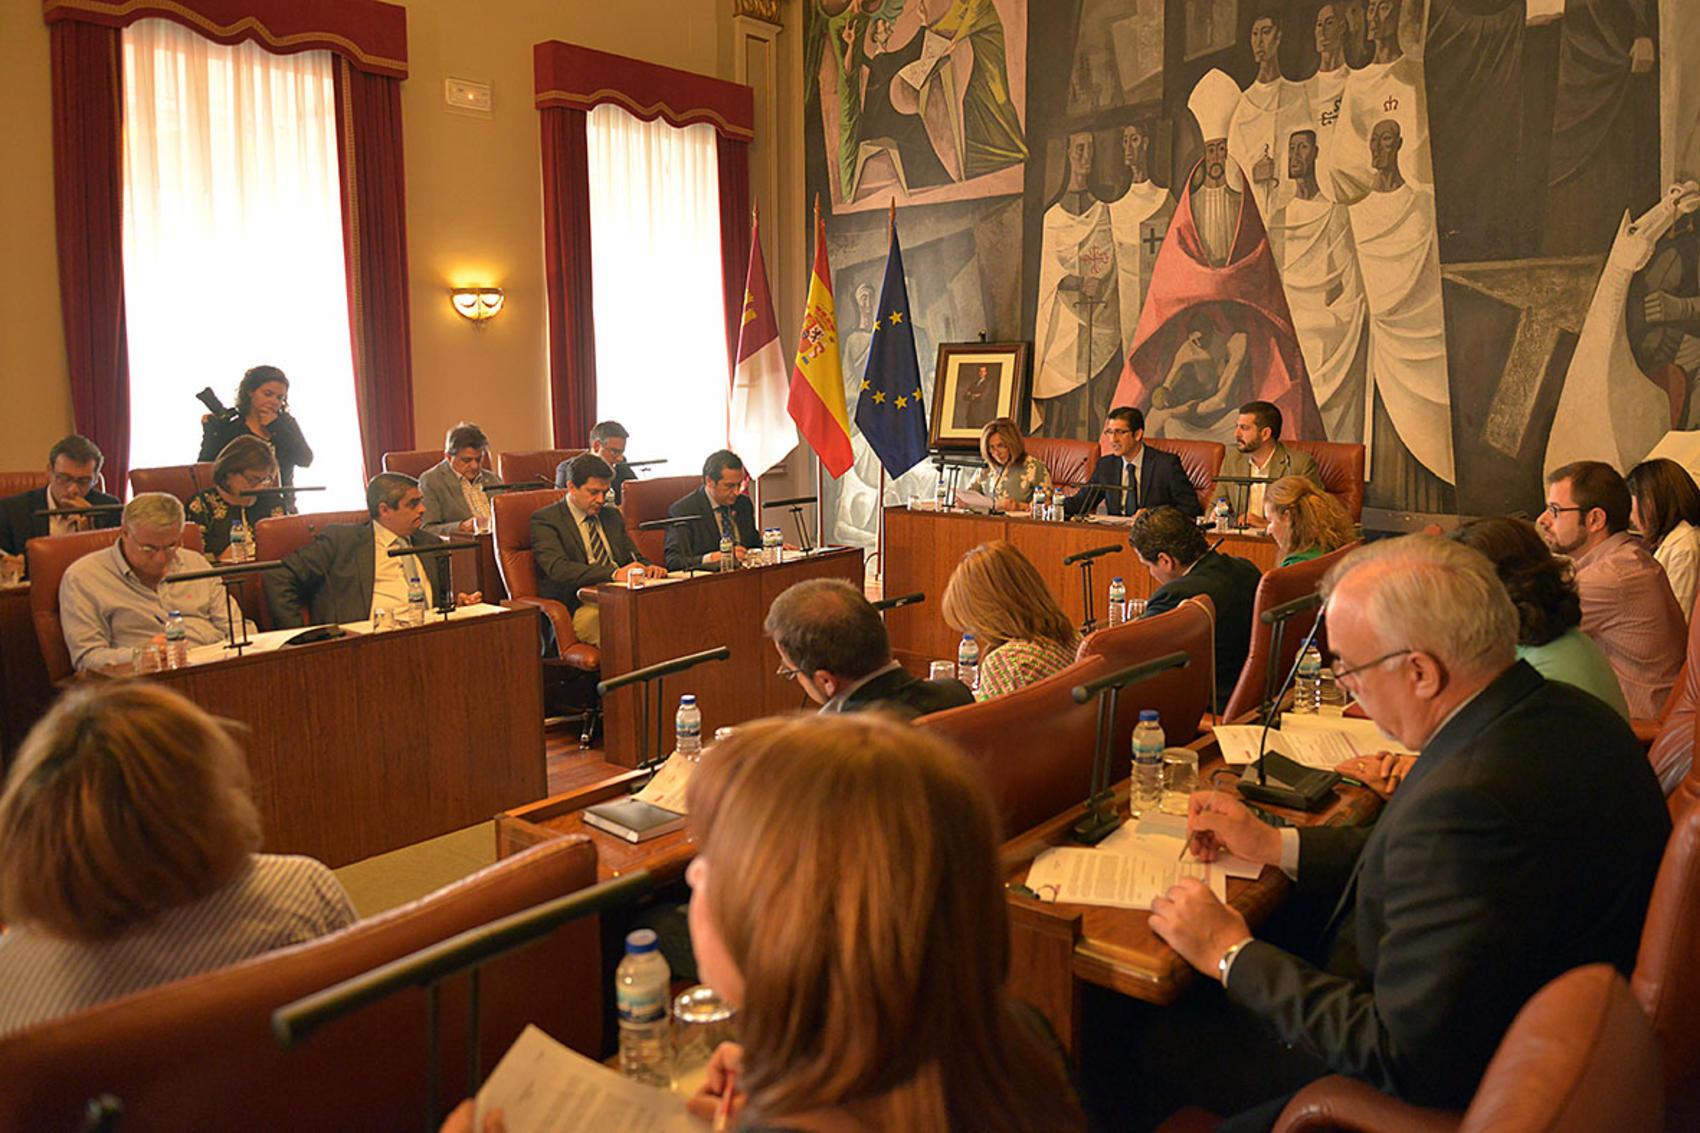 El pleno de la Diputación aprueba la ordenanza de transparencia y acceso a la información